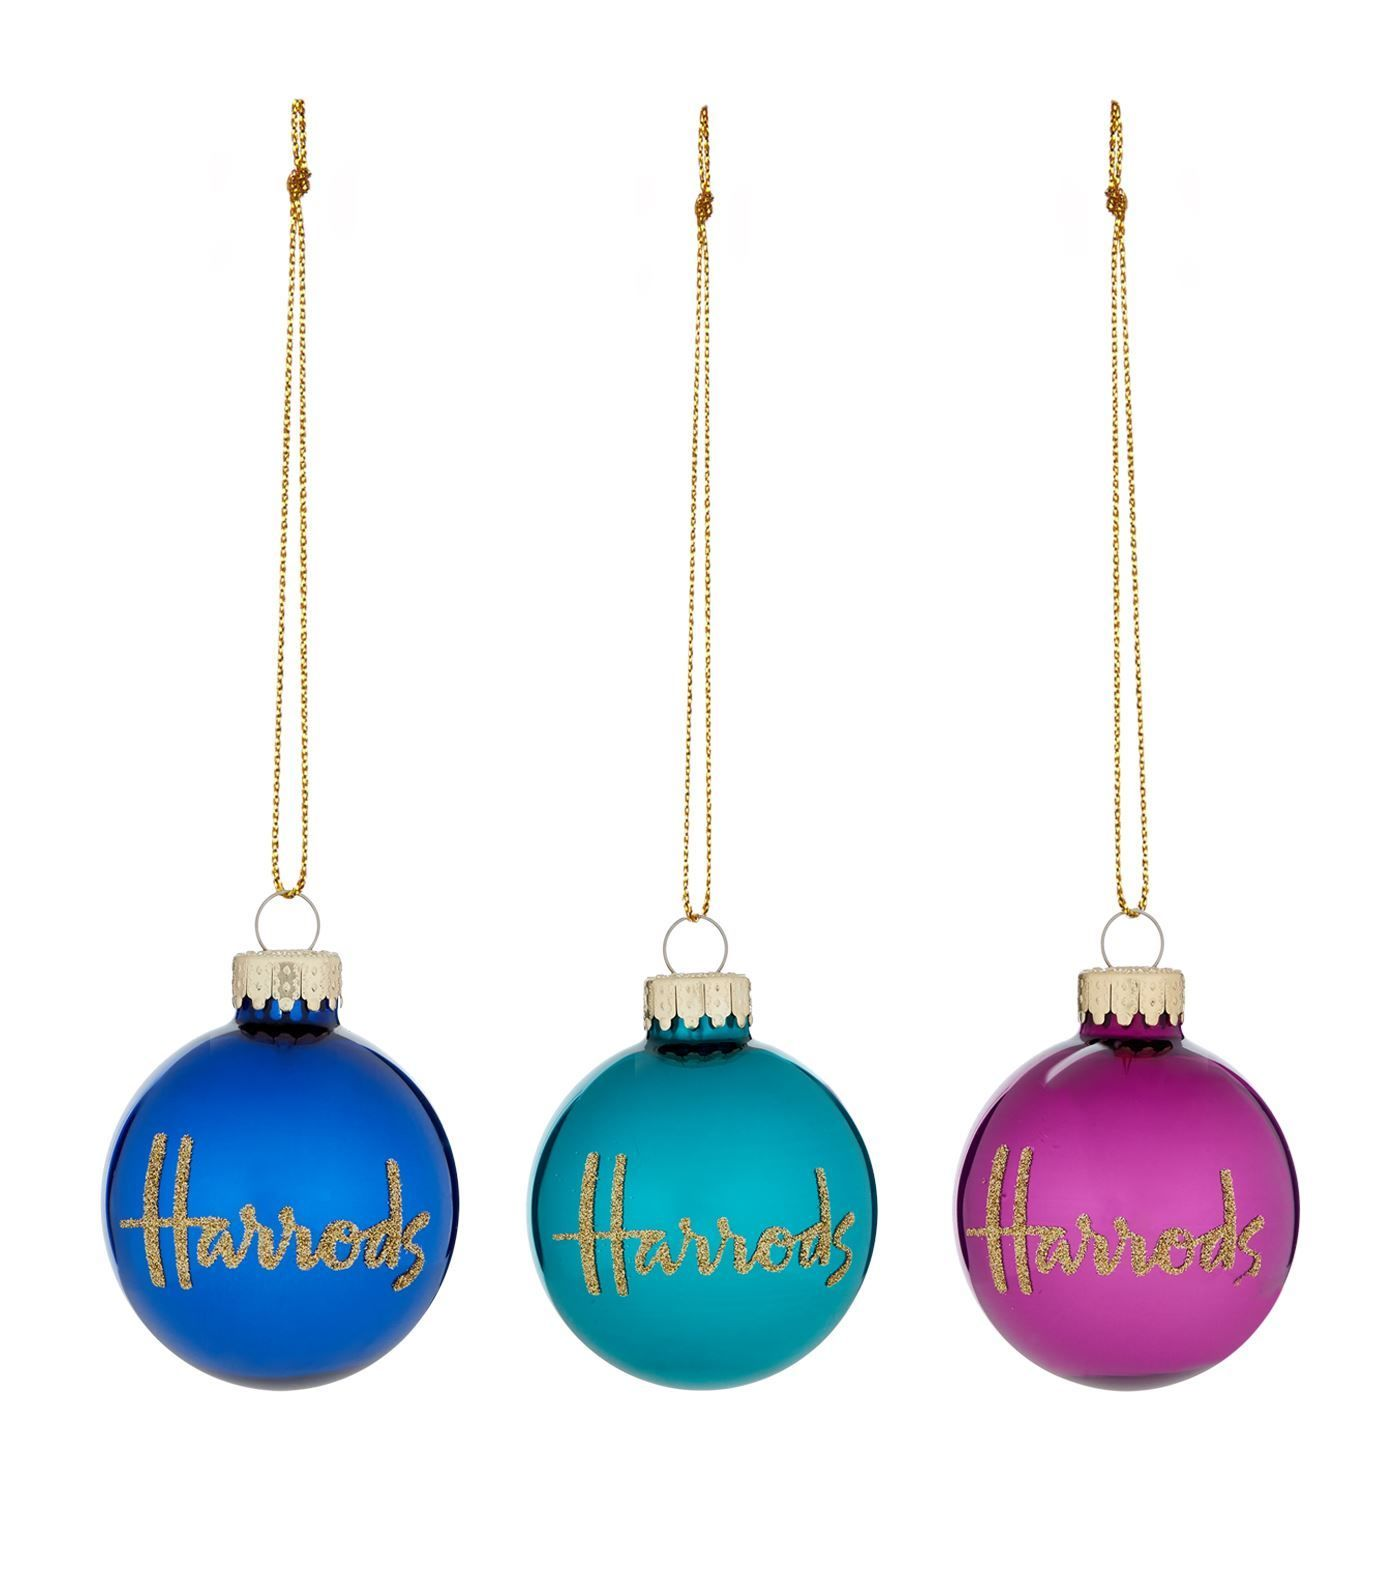 [Harrods] ハロッズ オーナメント / ミニバブル クリスマス 飾りつけ デコレーション